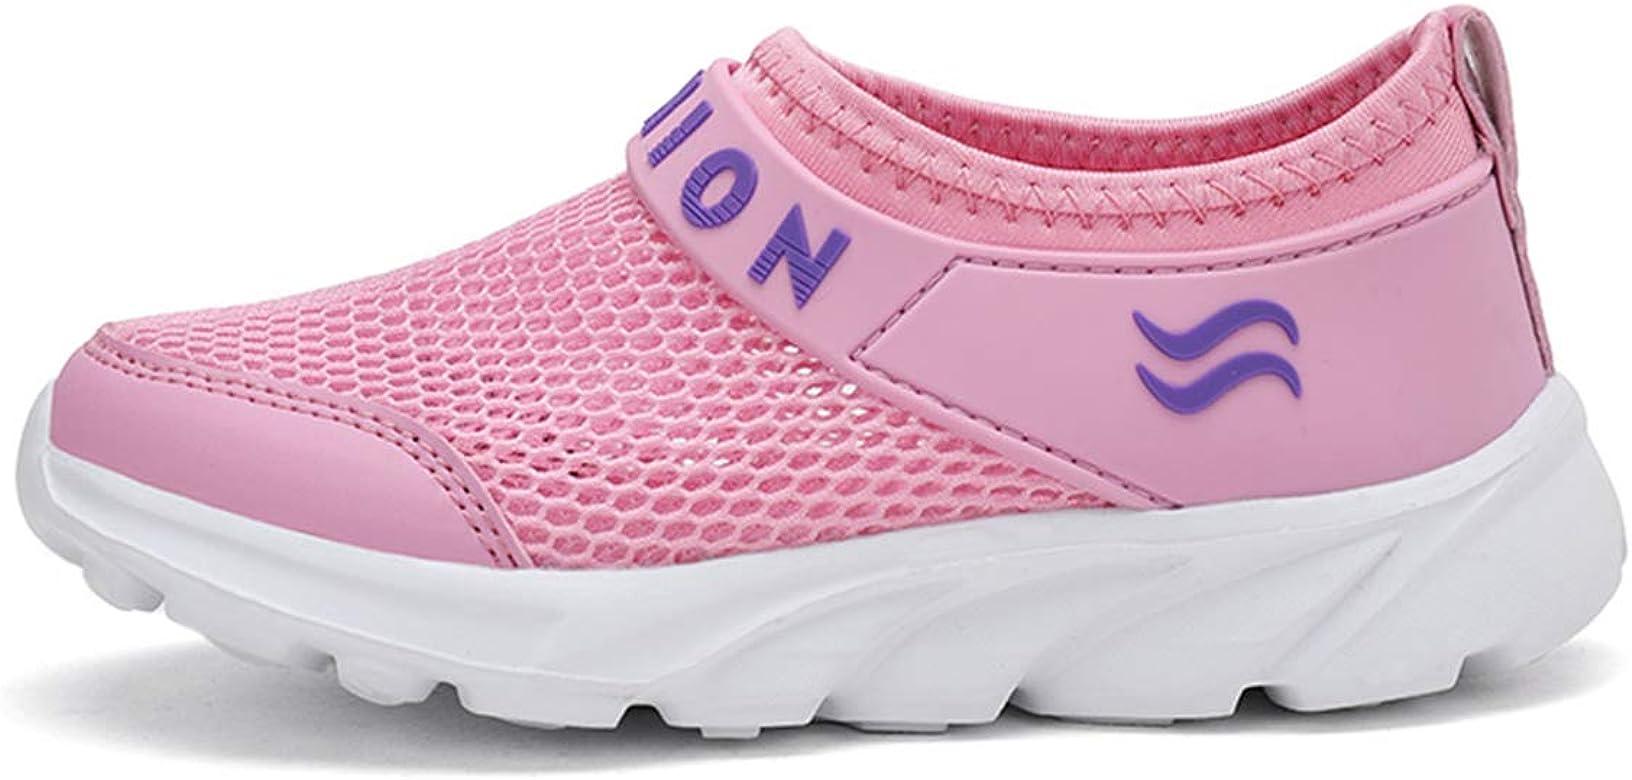 Zapatillas Deportivas de Correr para Niño Niña Malla Transpirable Ligeras Verano Zapatos Running Sneakers al Aire Libre Sandalias: Amazon.es: Zapatos y complementos